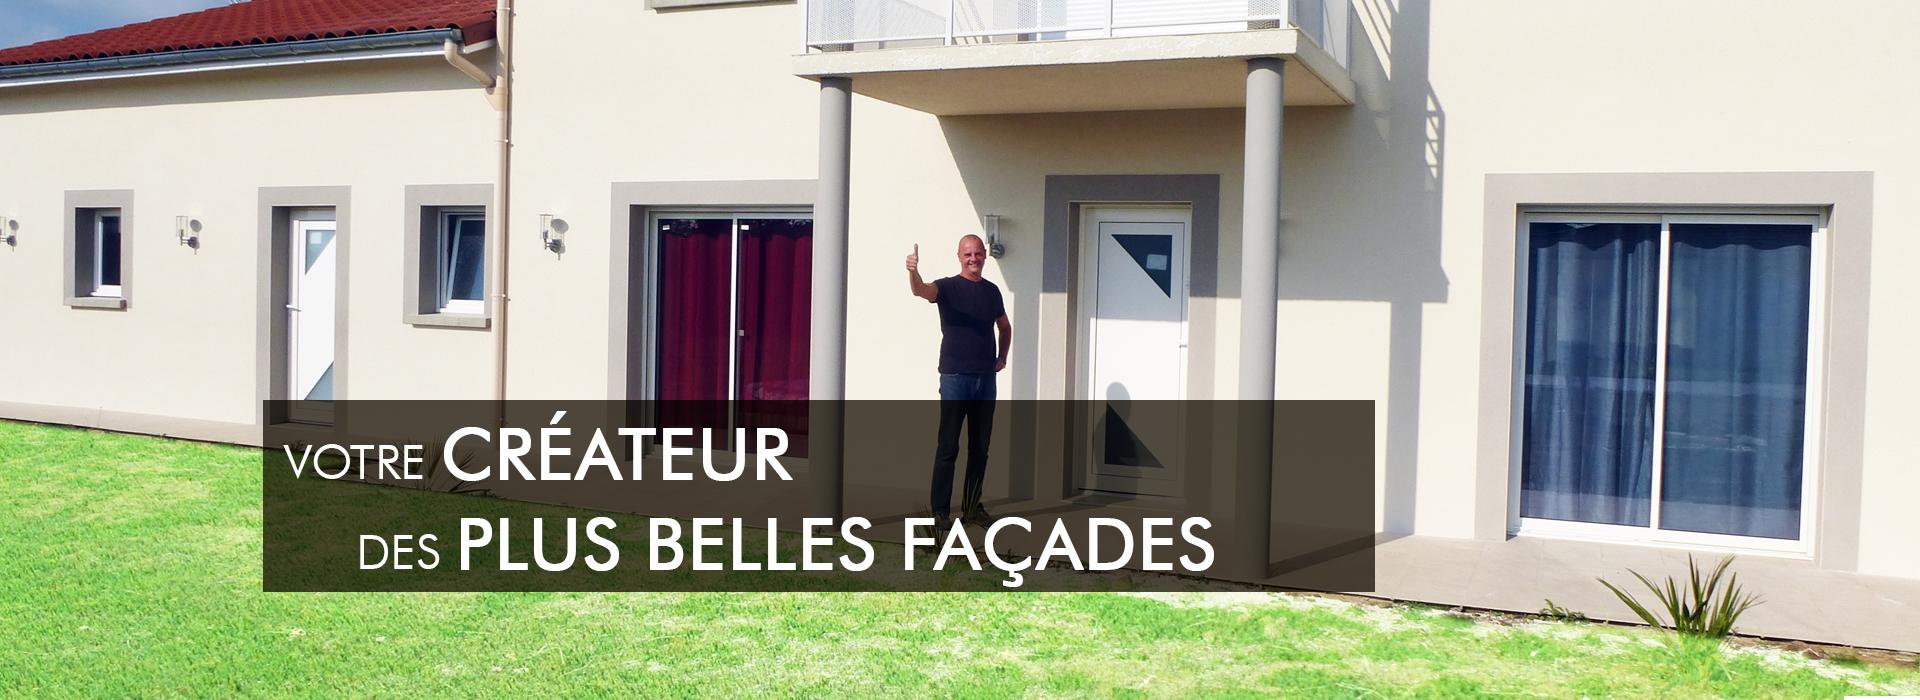 slide createur façade